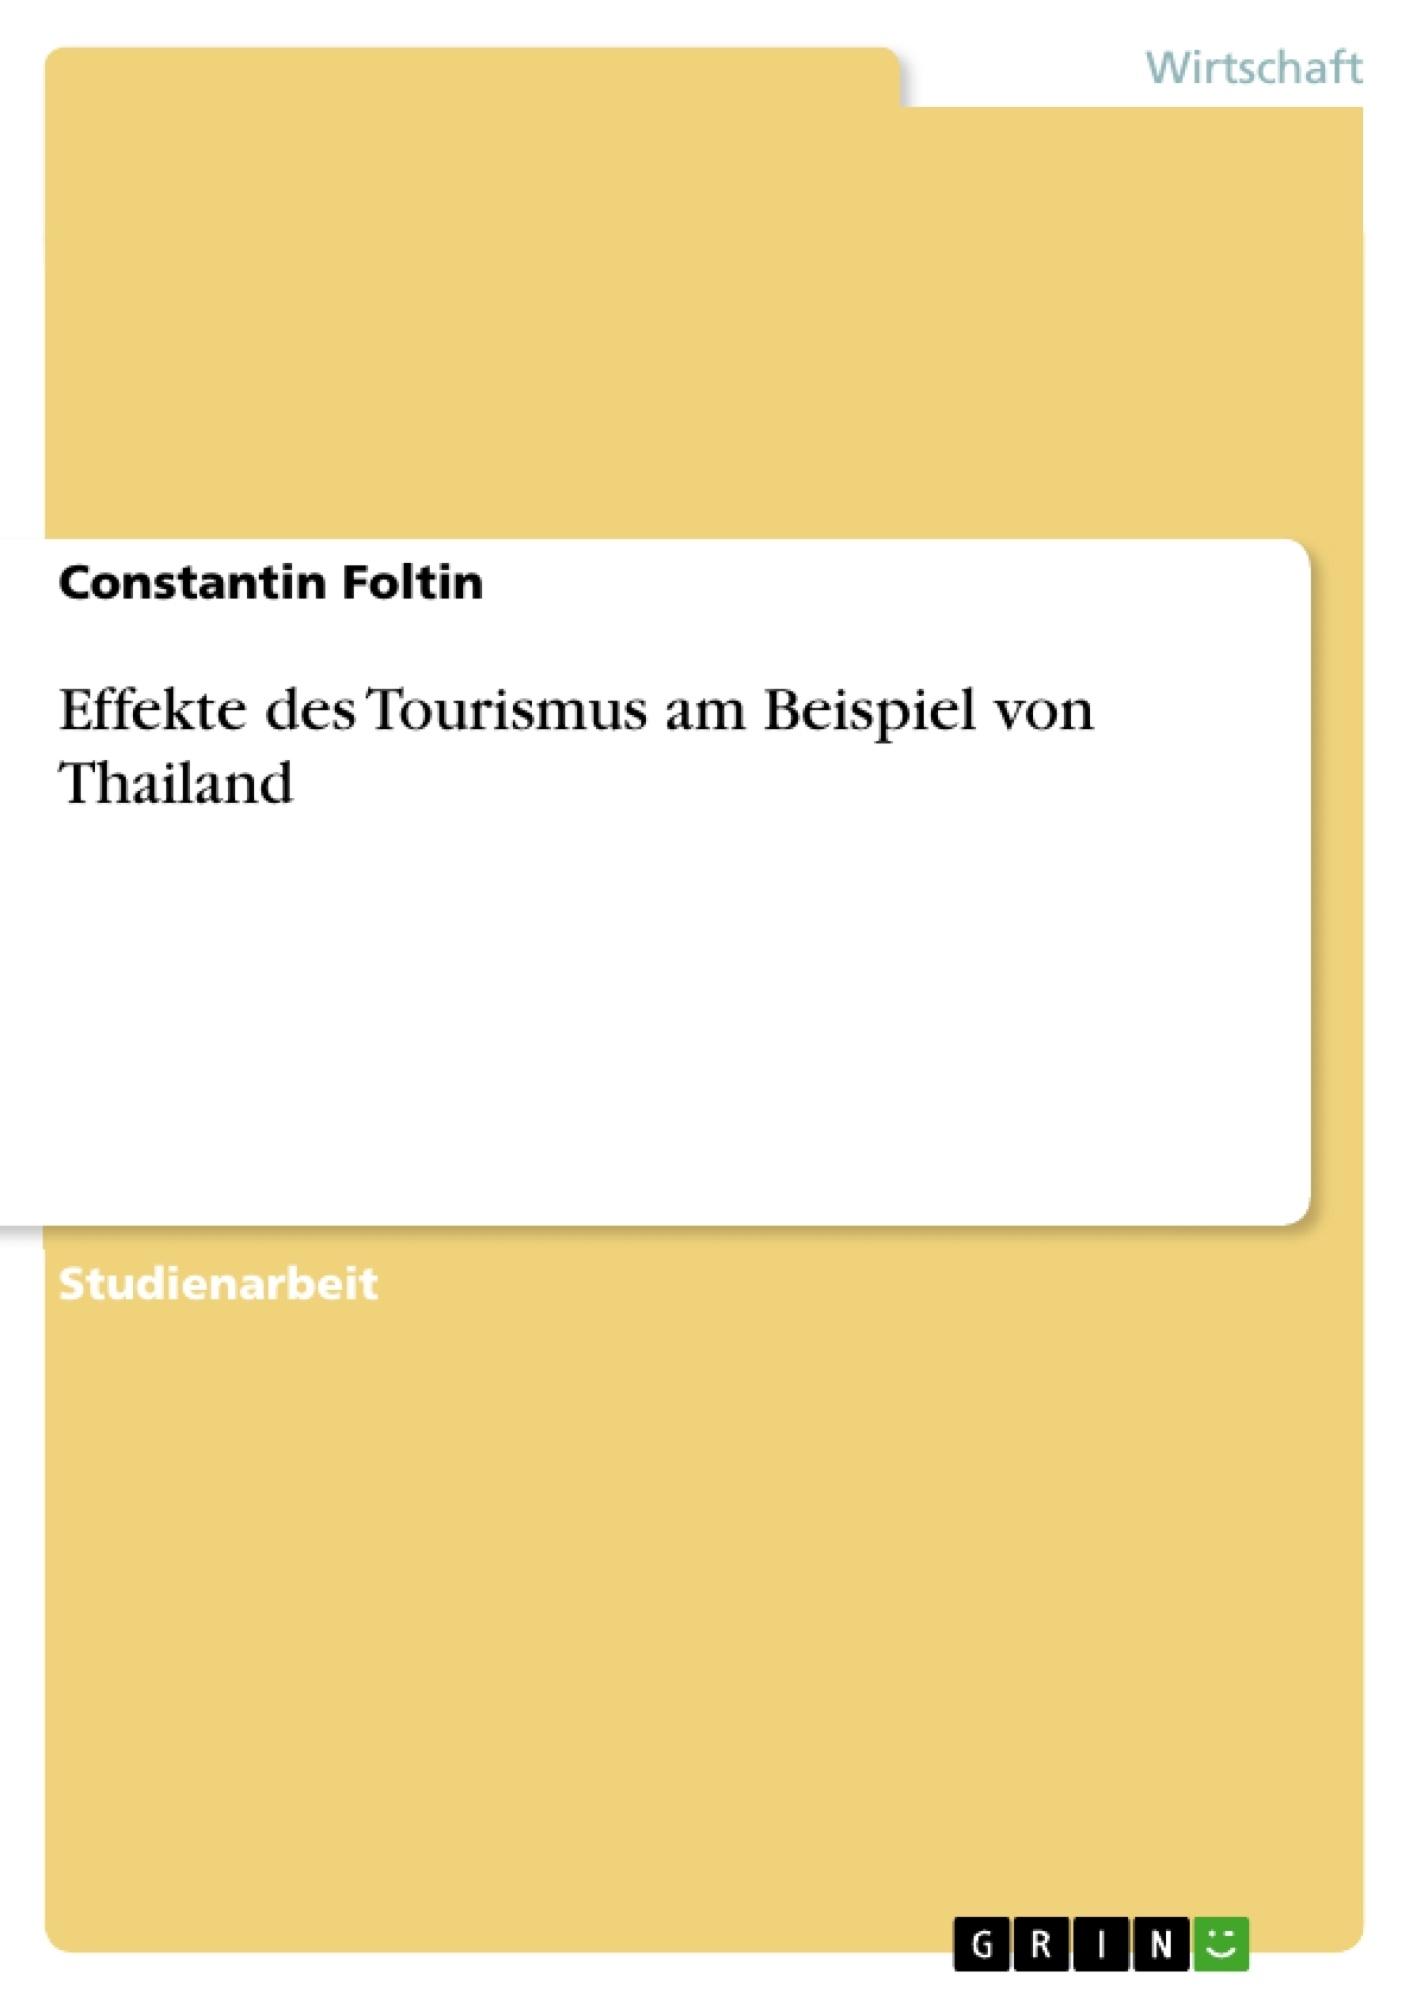 Titel: Effekte des Tourismus am Beispiel von Thailand